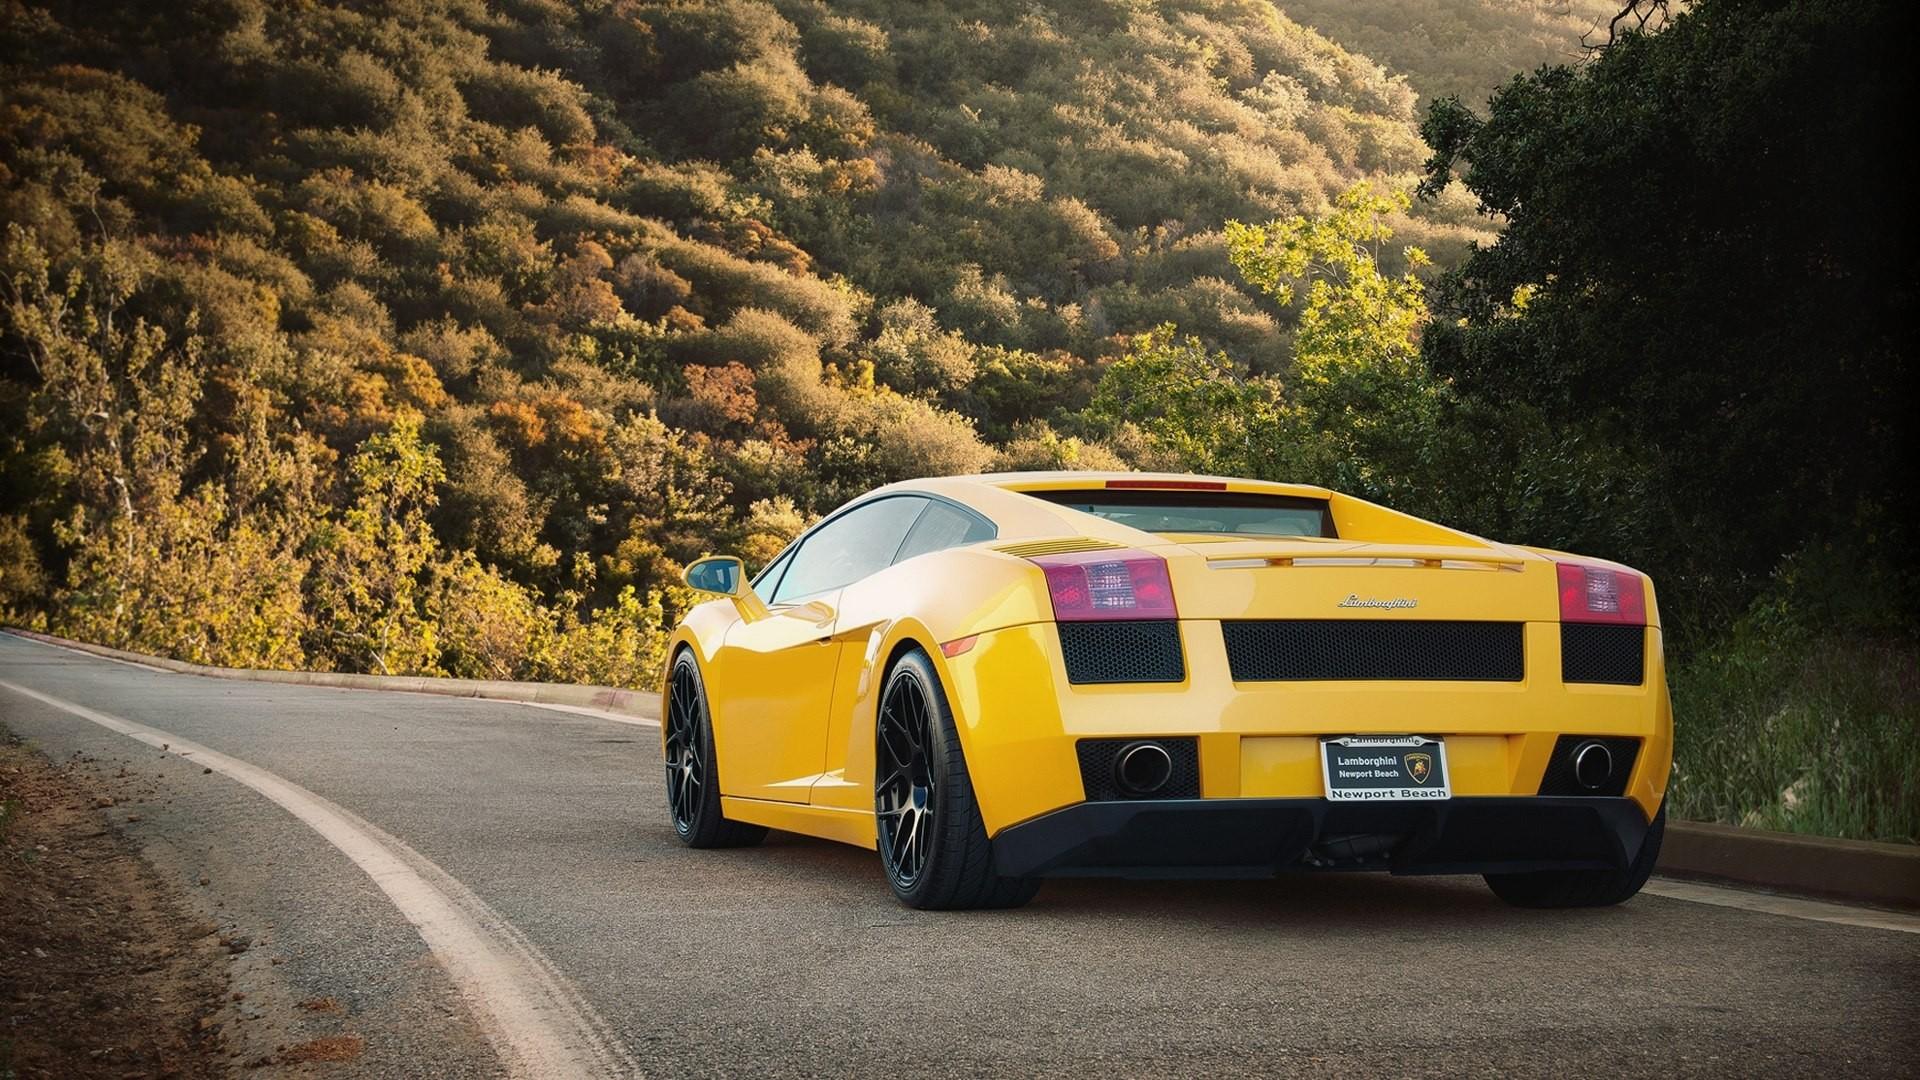 Lamborghini, желтая, загородная дорога